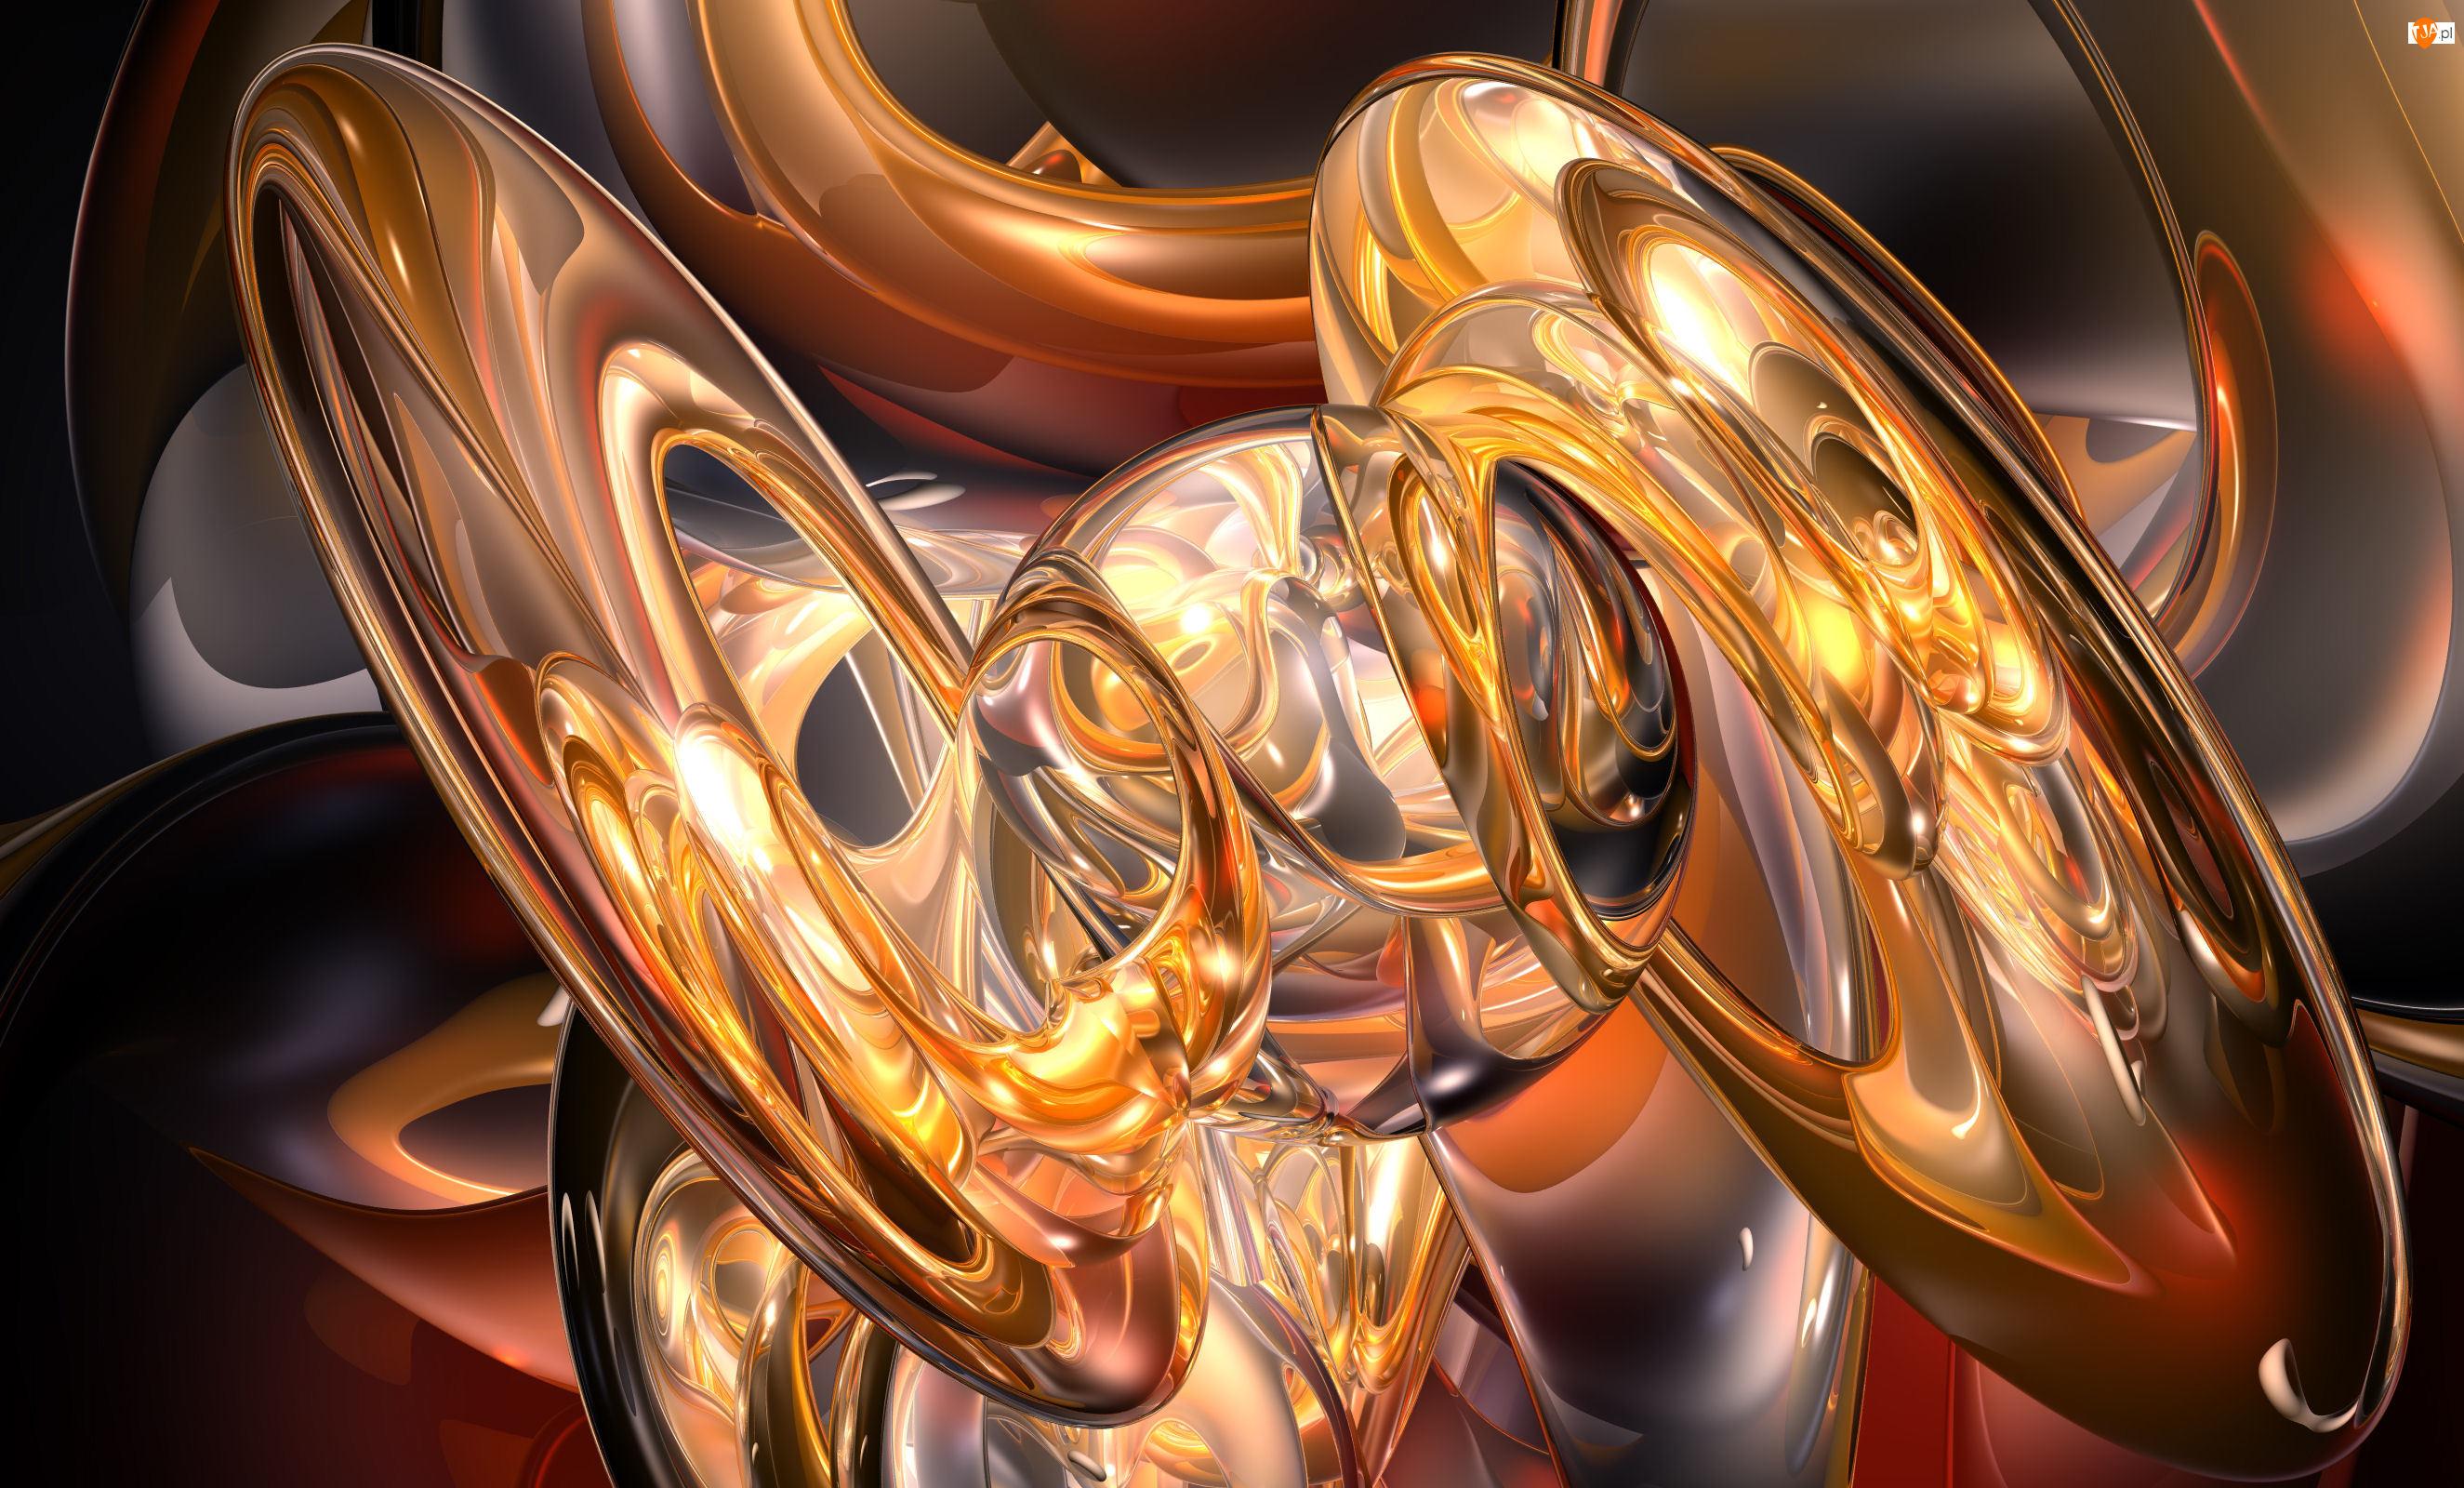 Abstrakcja, Grafika 3D, Rozświetlona